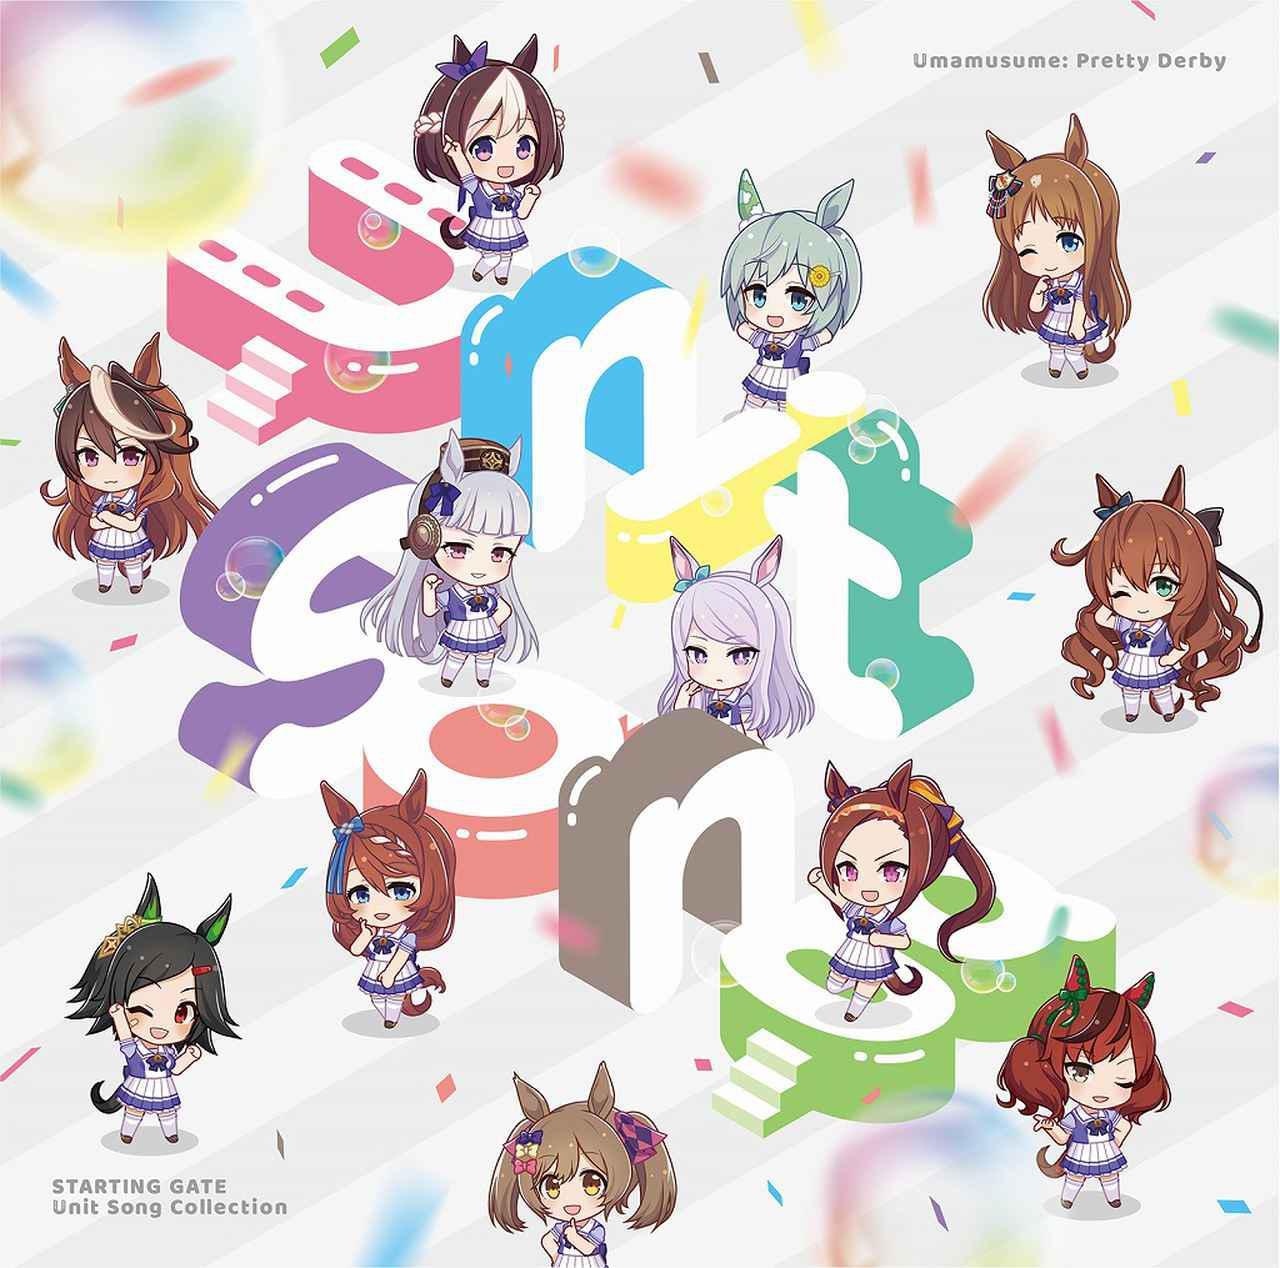 画像: 『ウマ娘 プリティーダービー』STARTING GATE Unit Song Collection / Various Artists